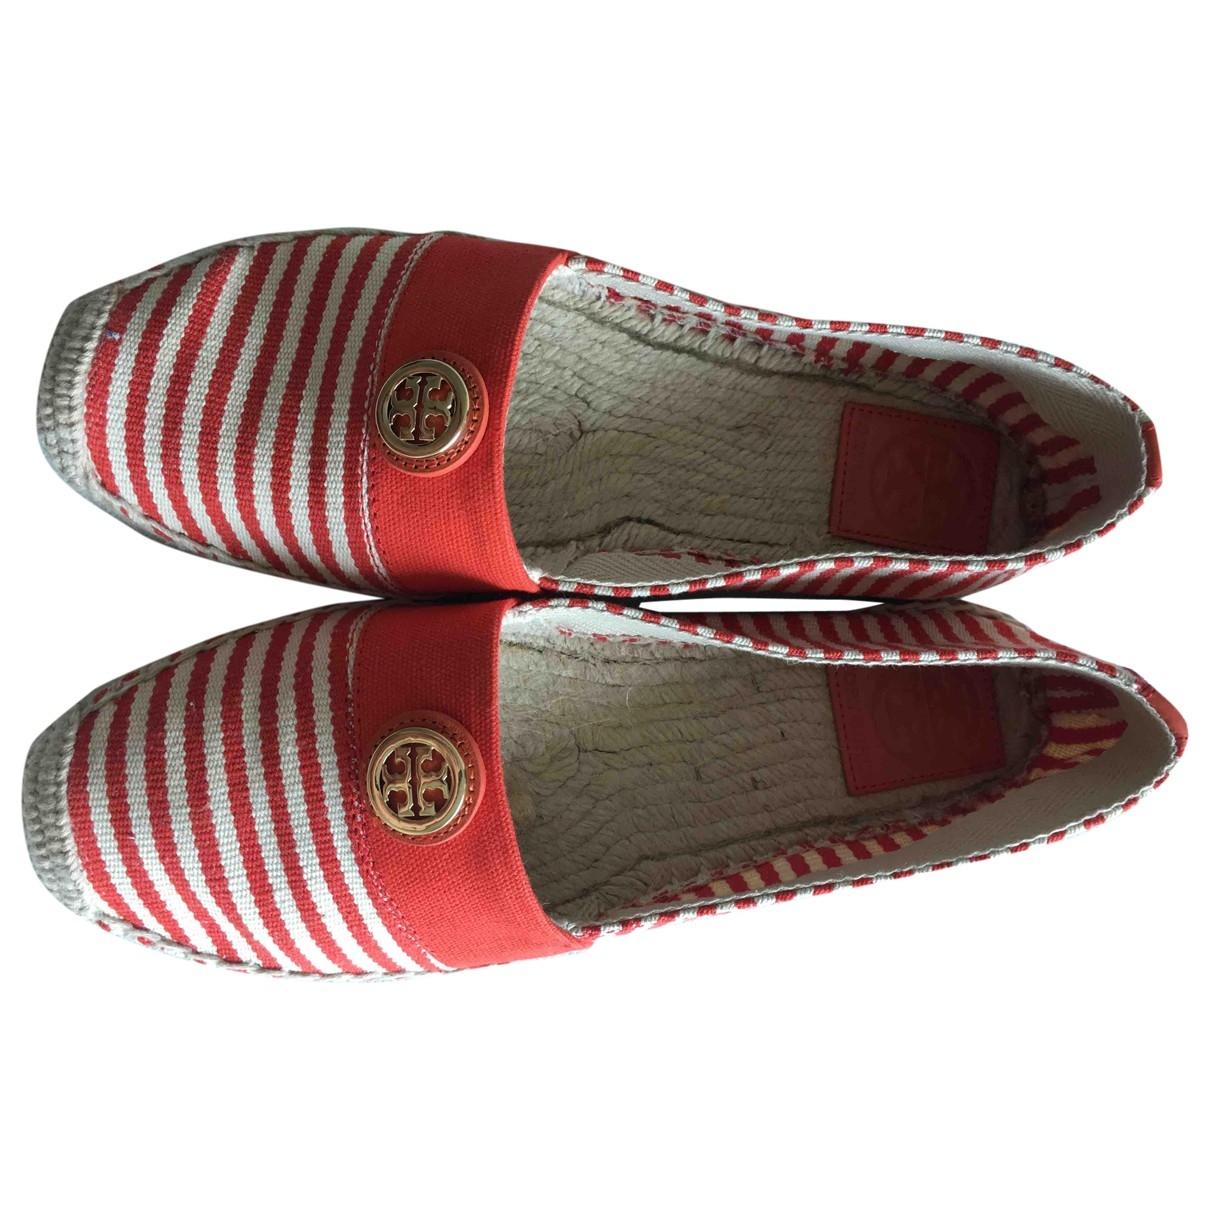 Tory Burch - Espadrilles   pour femme en toile - rouge